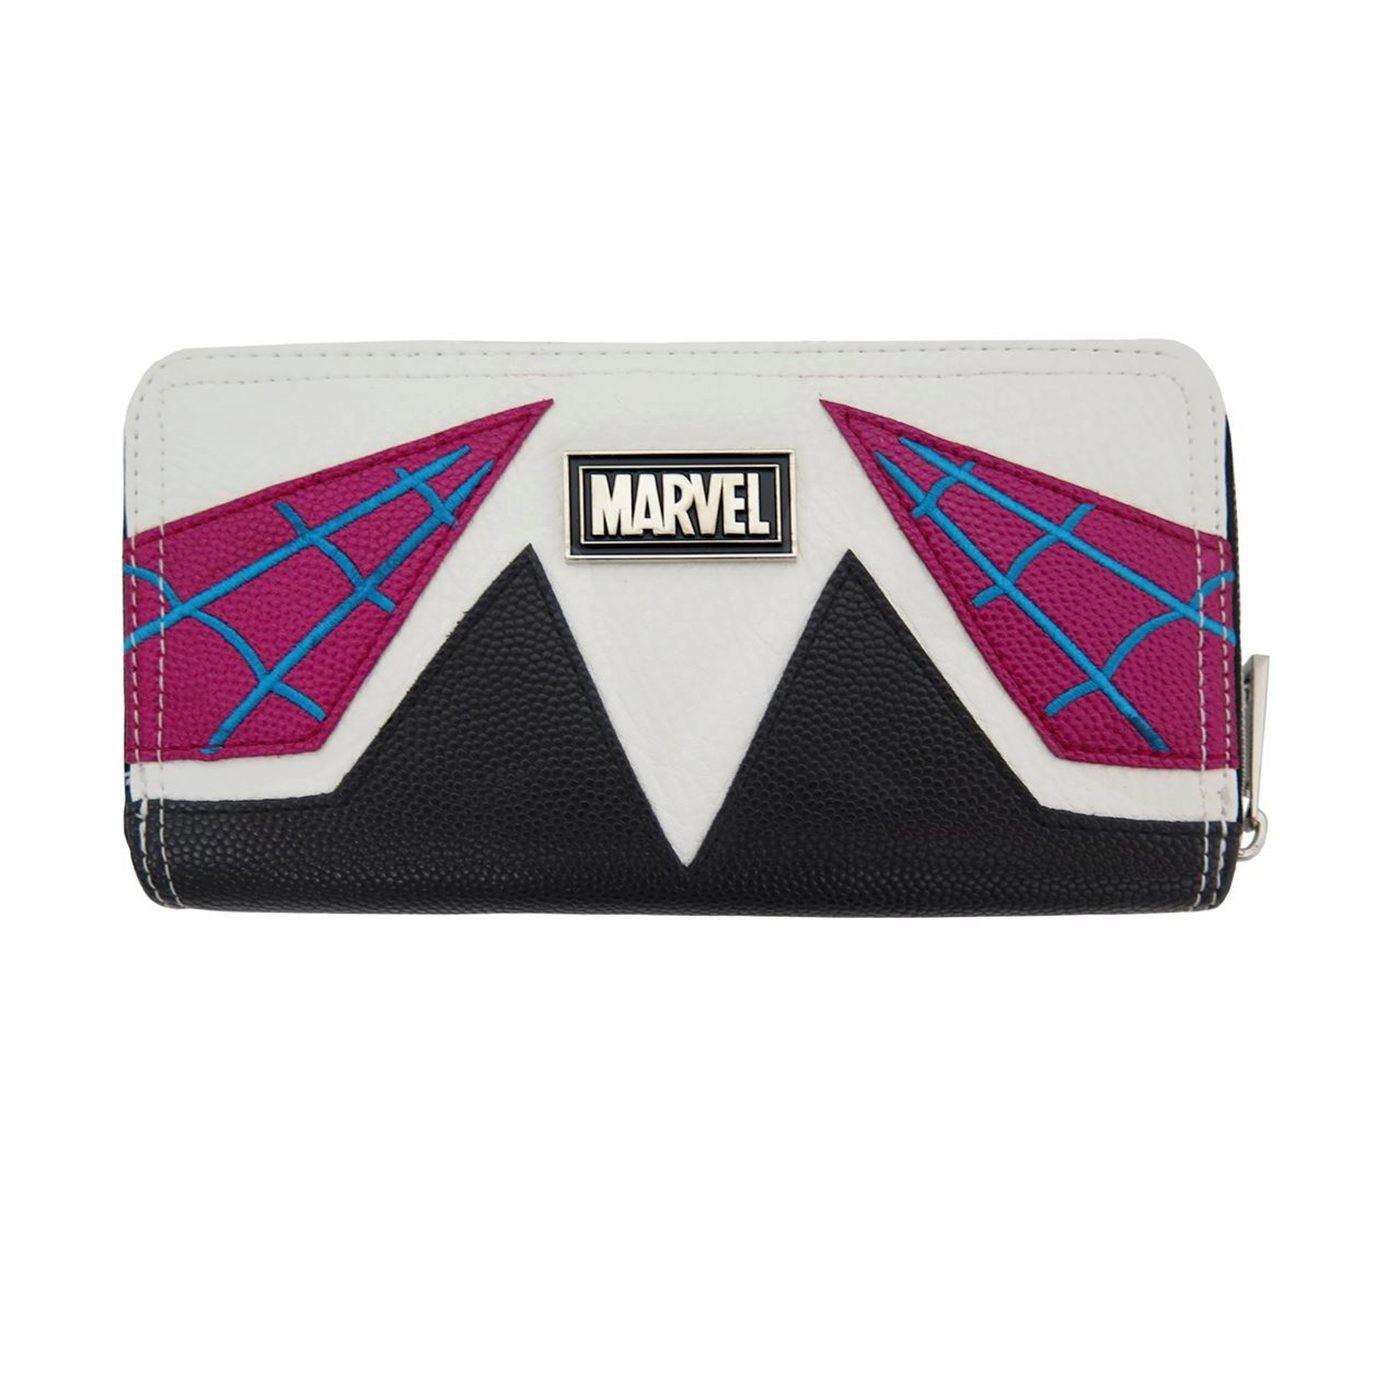 Spider Gwen Costume Zipper Wallet